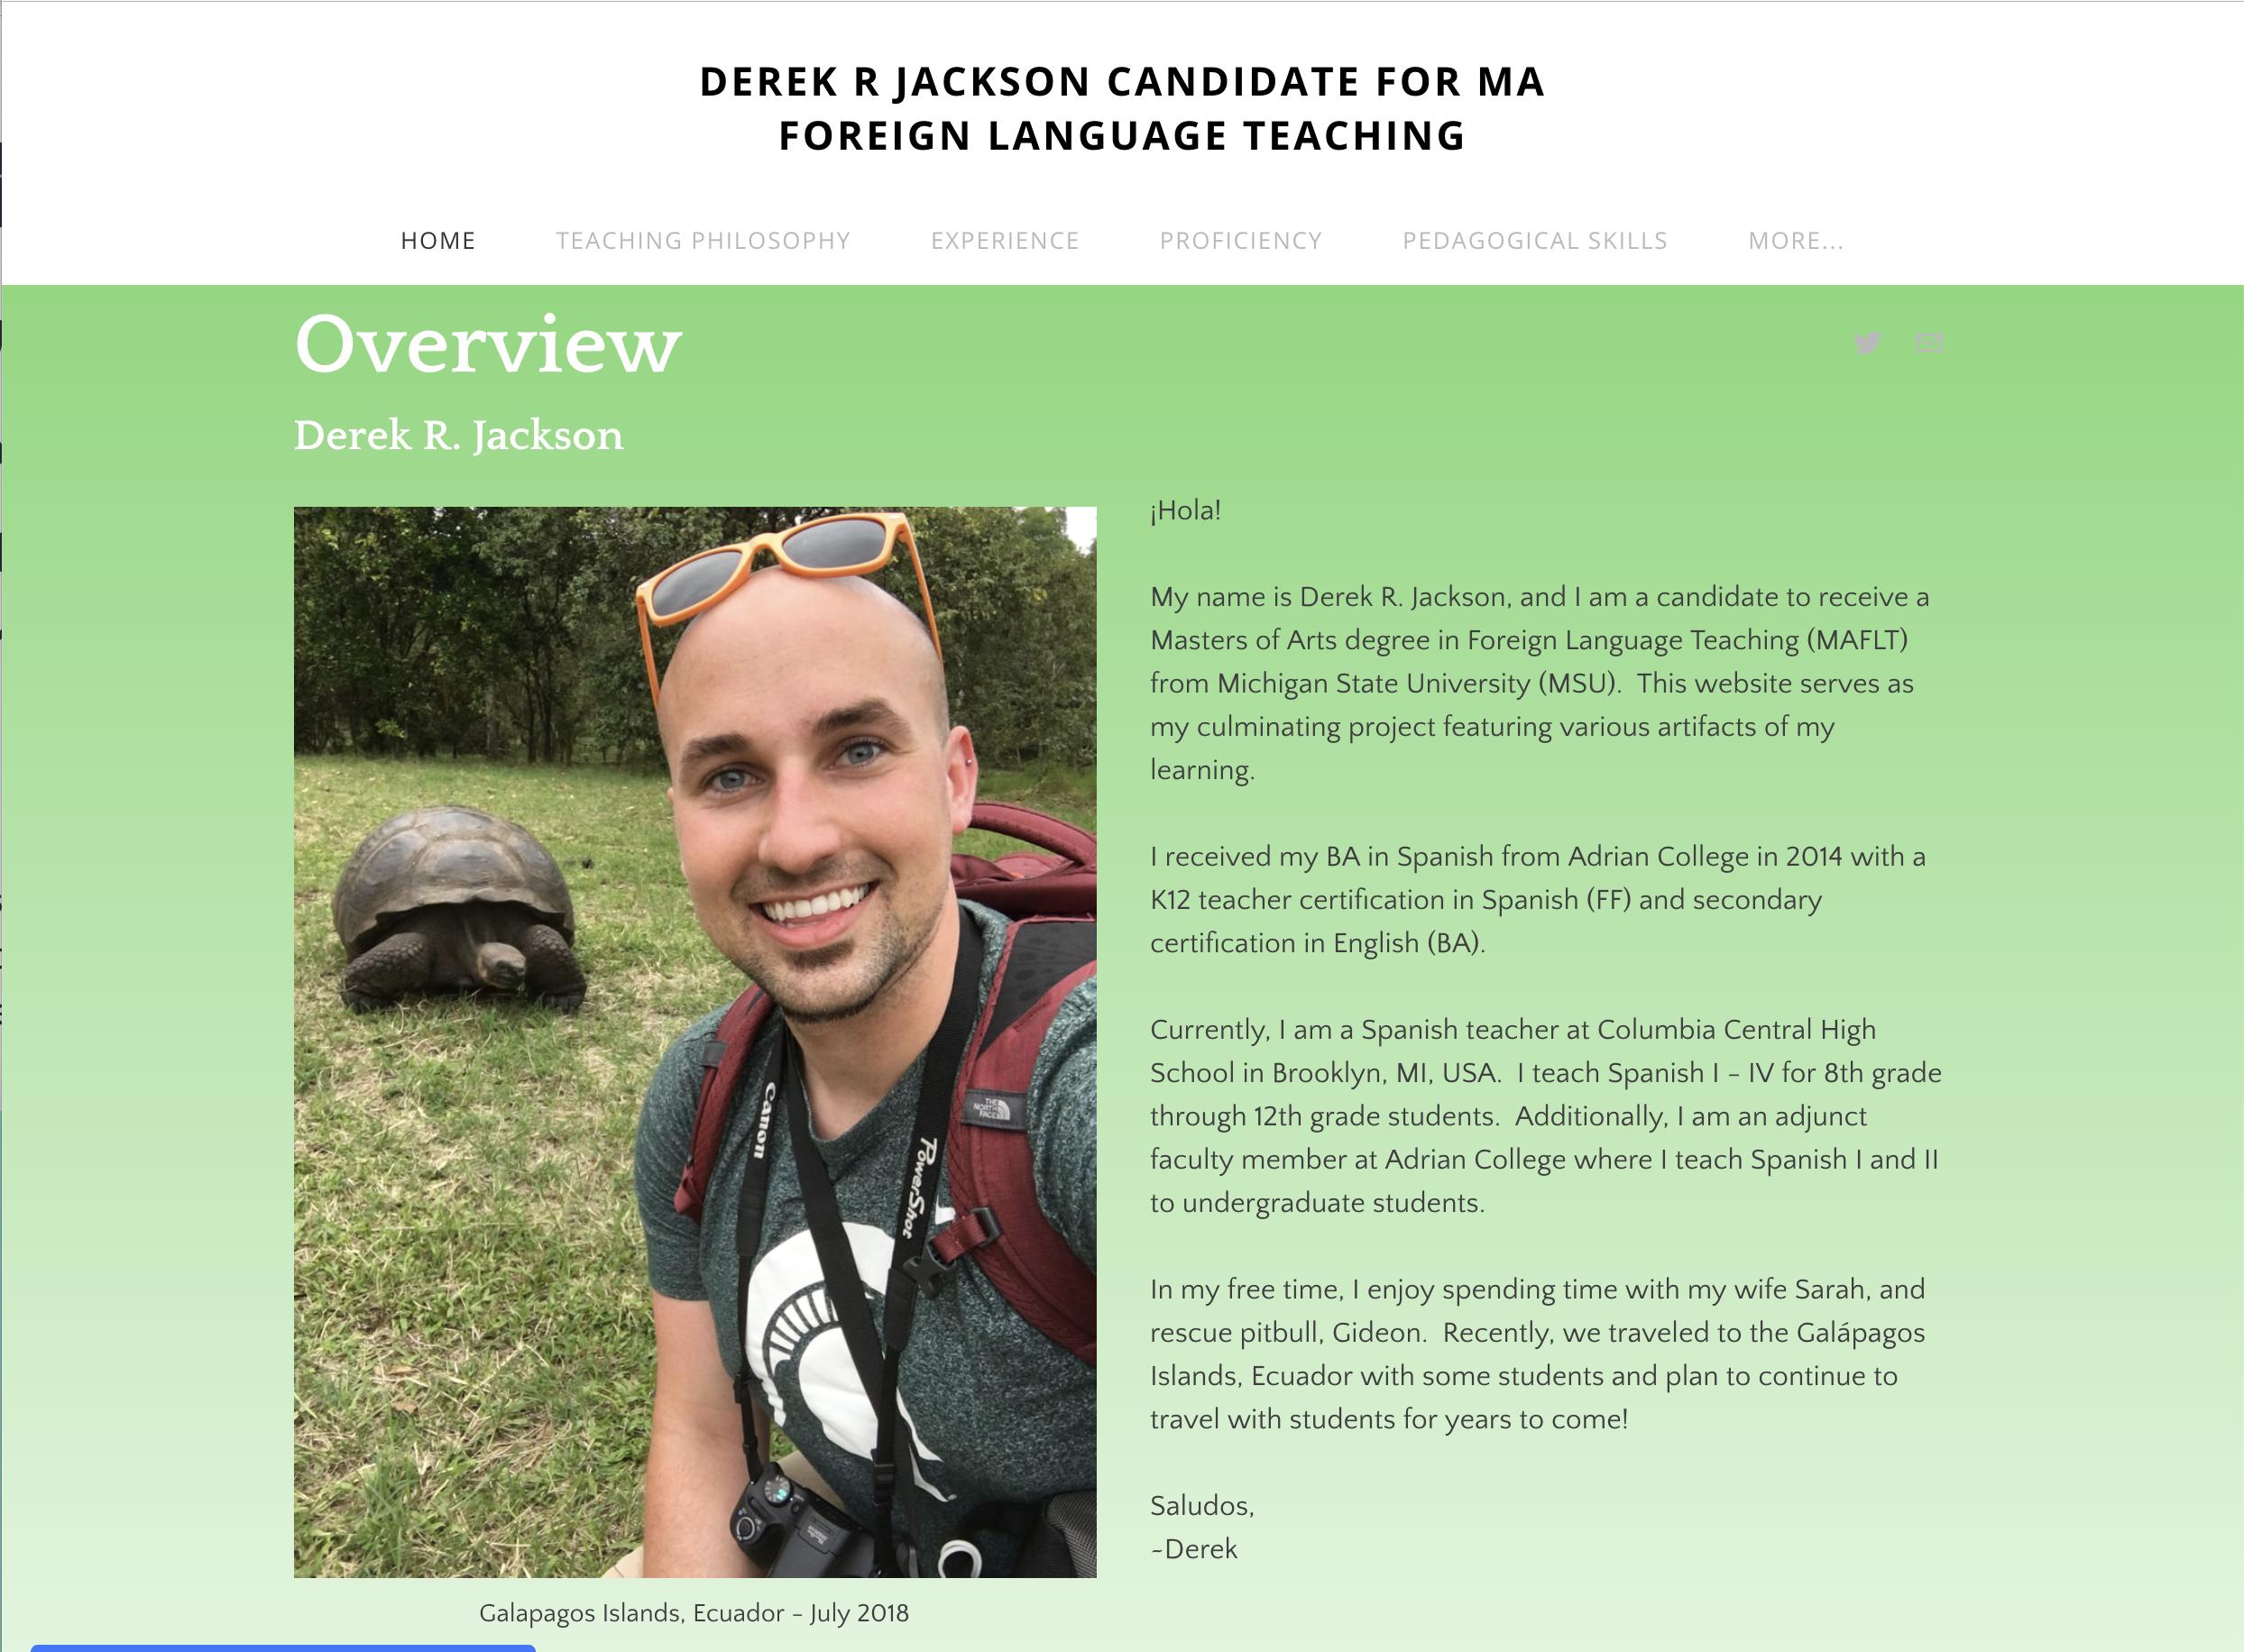 screenshot of Derek Jackson's portfolio landing page